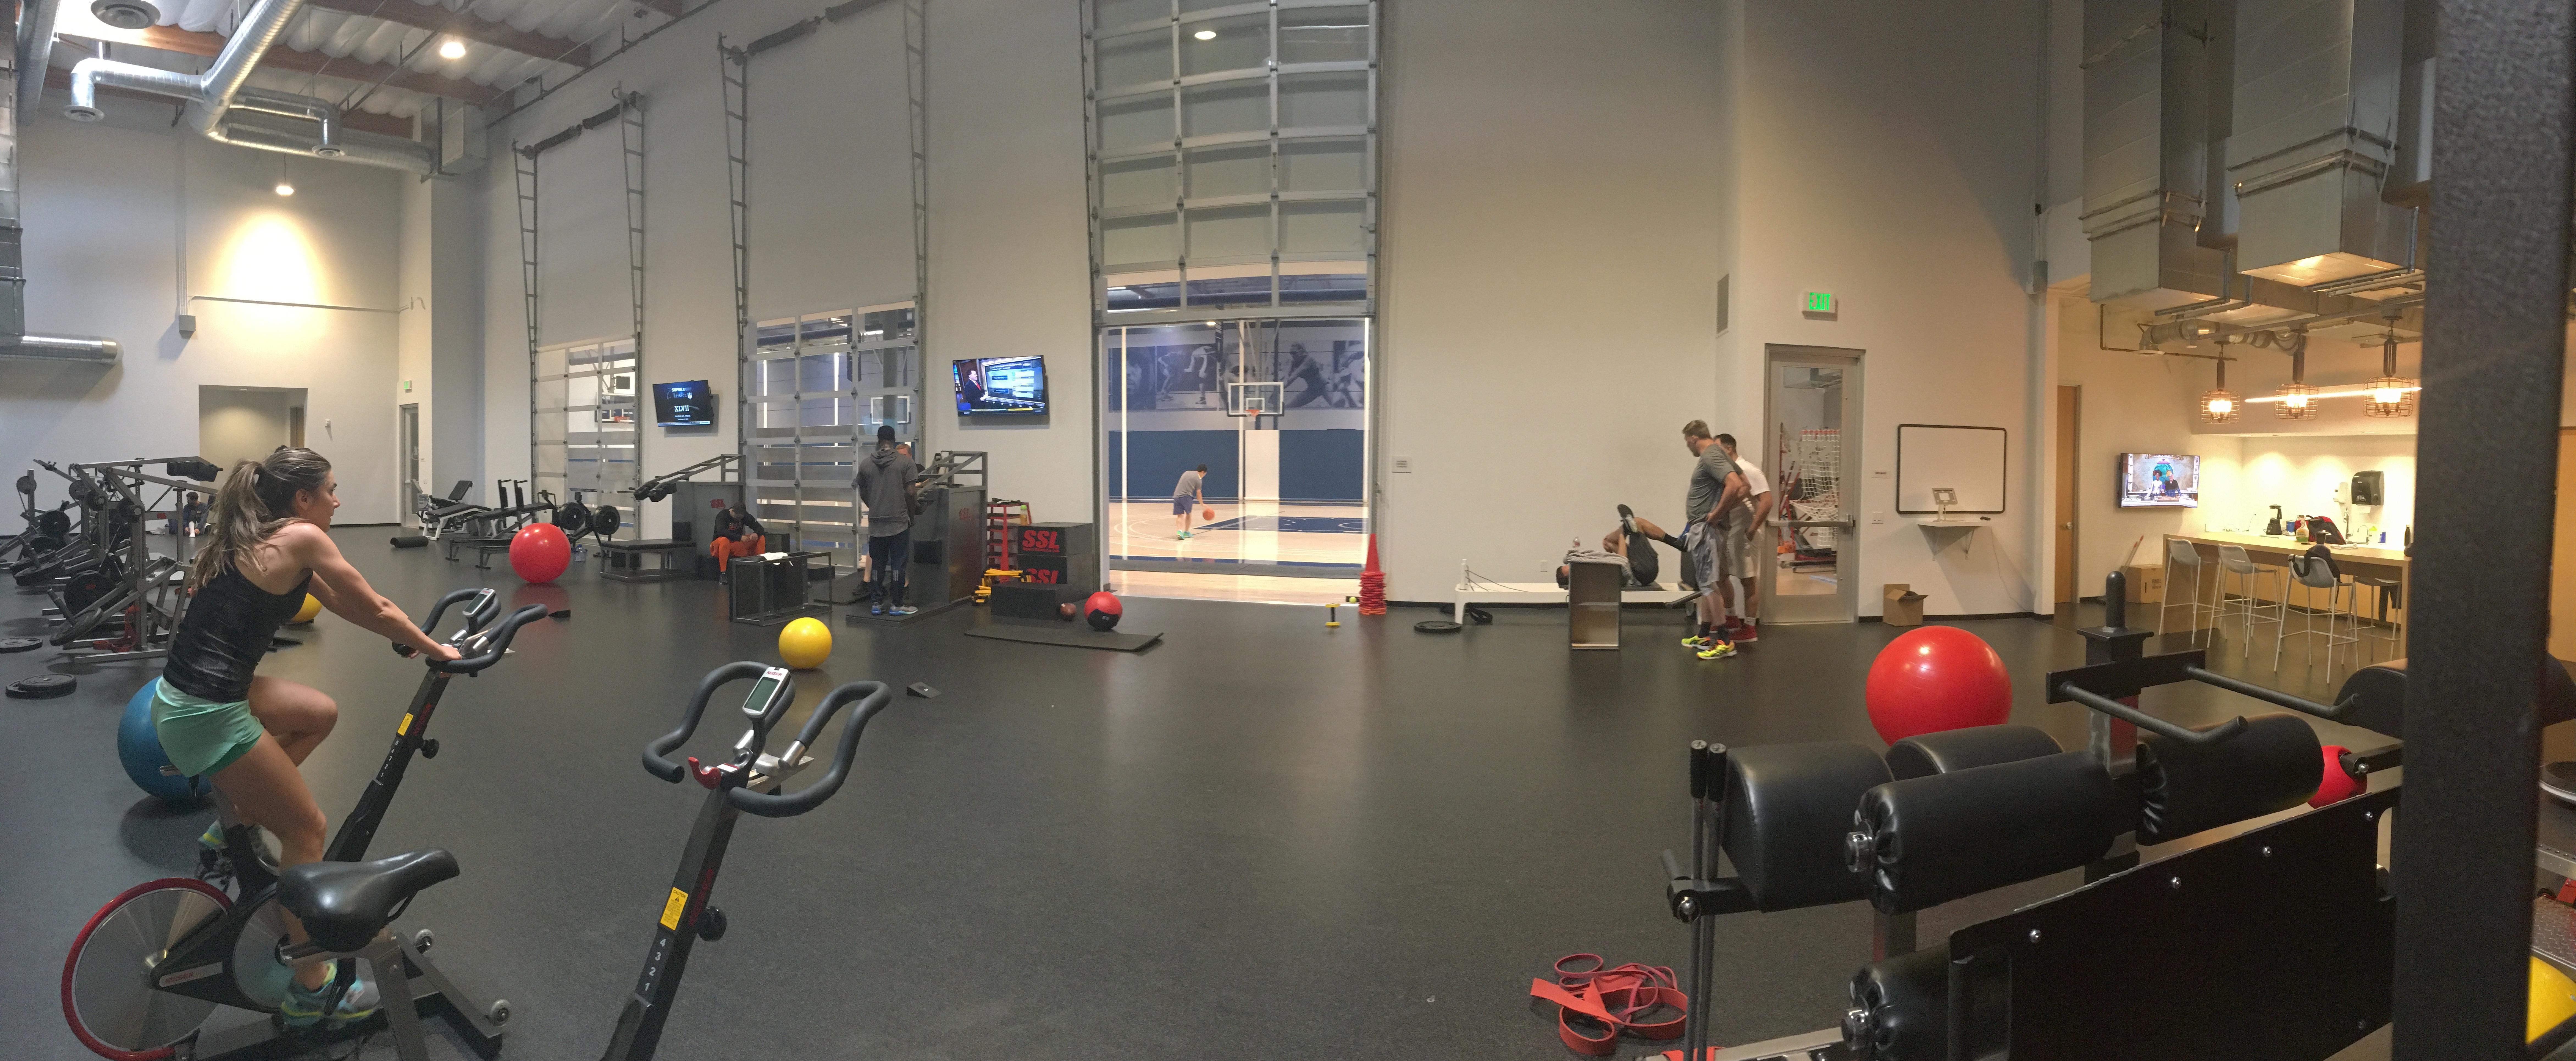 SSL Irvine Facility